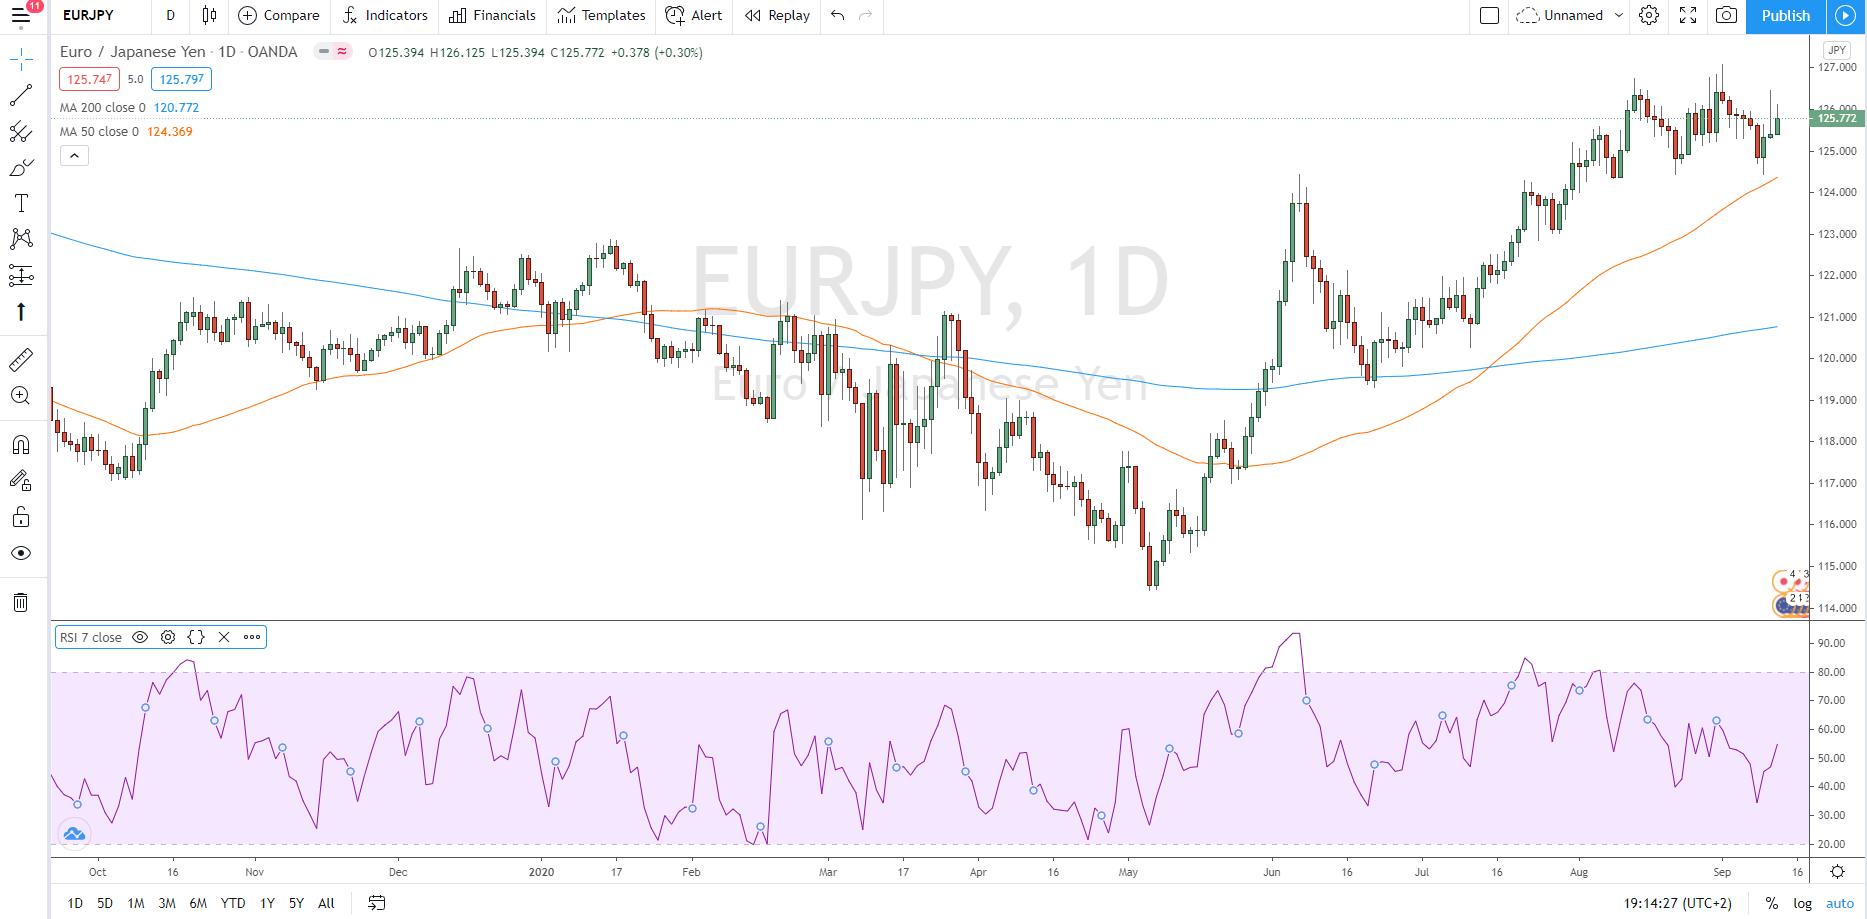 Abbildung 5: Euro/Yen-Kreuz mit Sieben-Tages-RSI-Indikator für überkaufte/überverkaufte Positionen